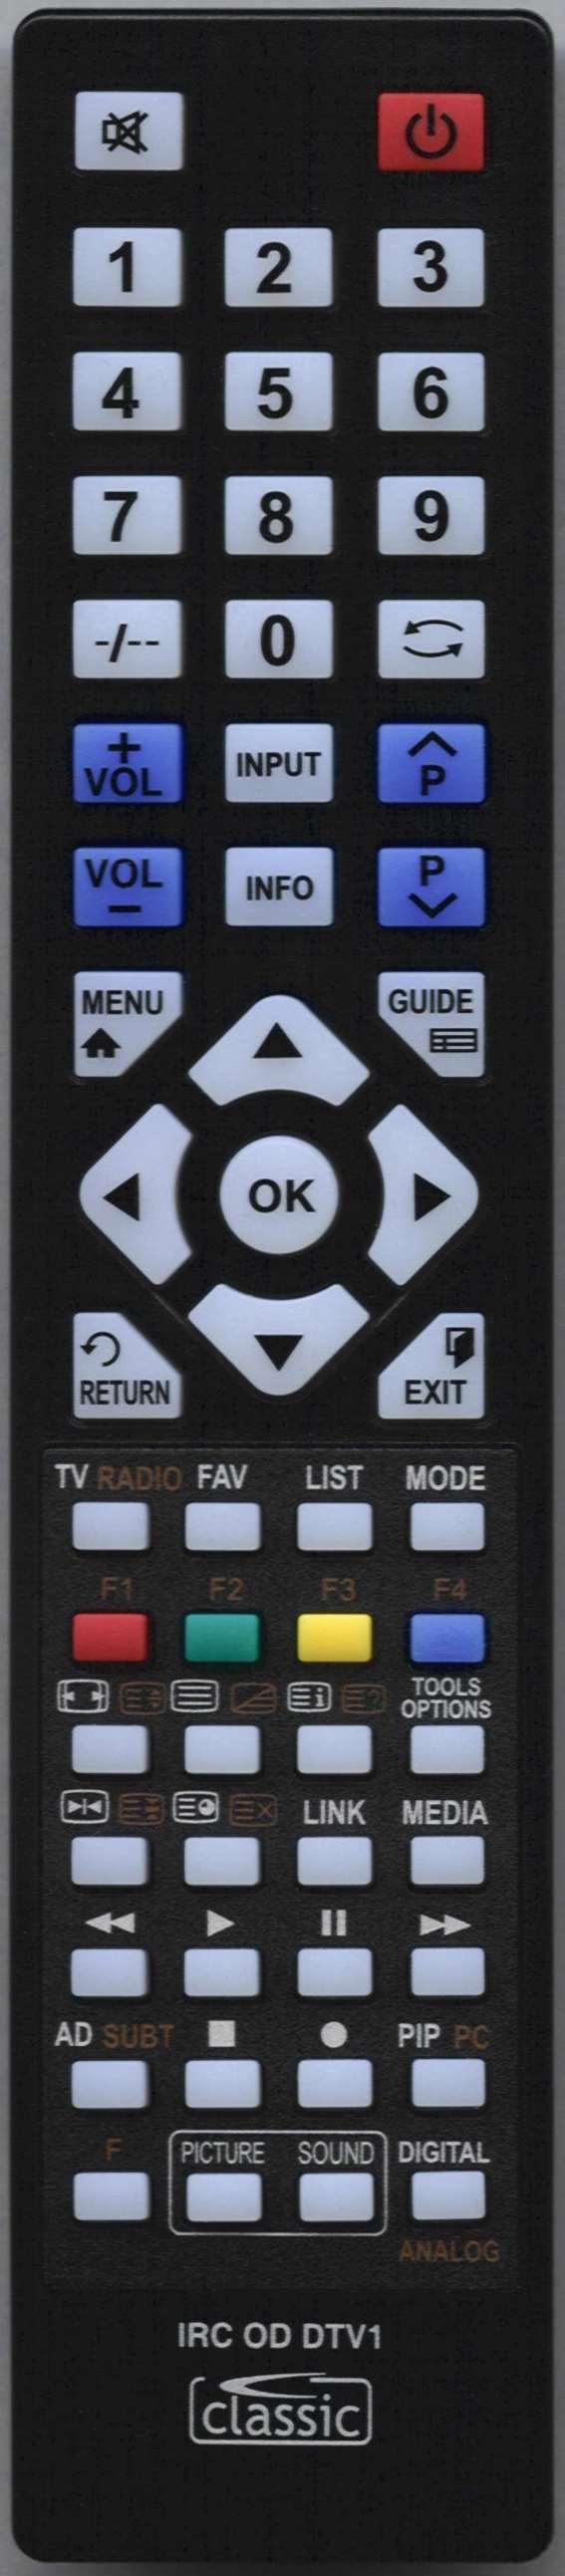 POLAROID P32FS1956A Remote Control